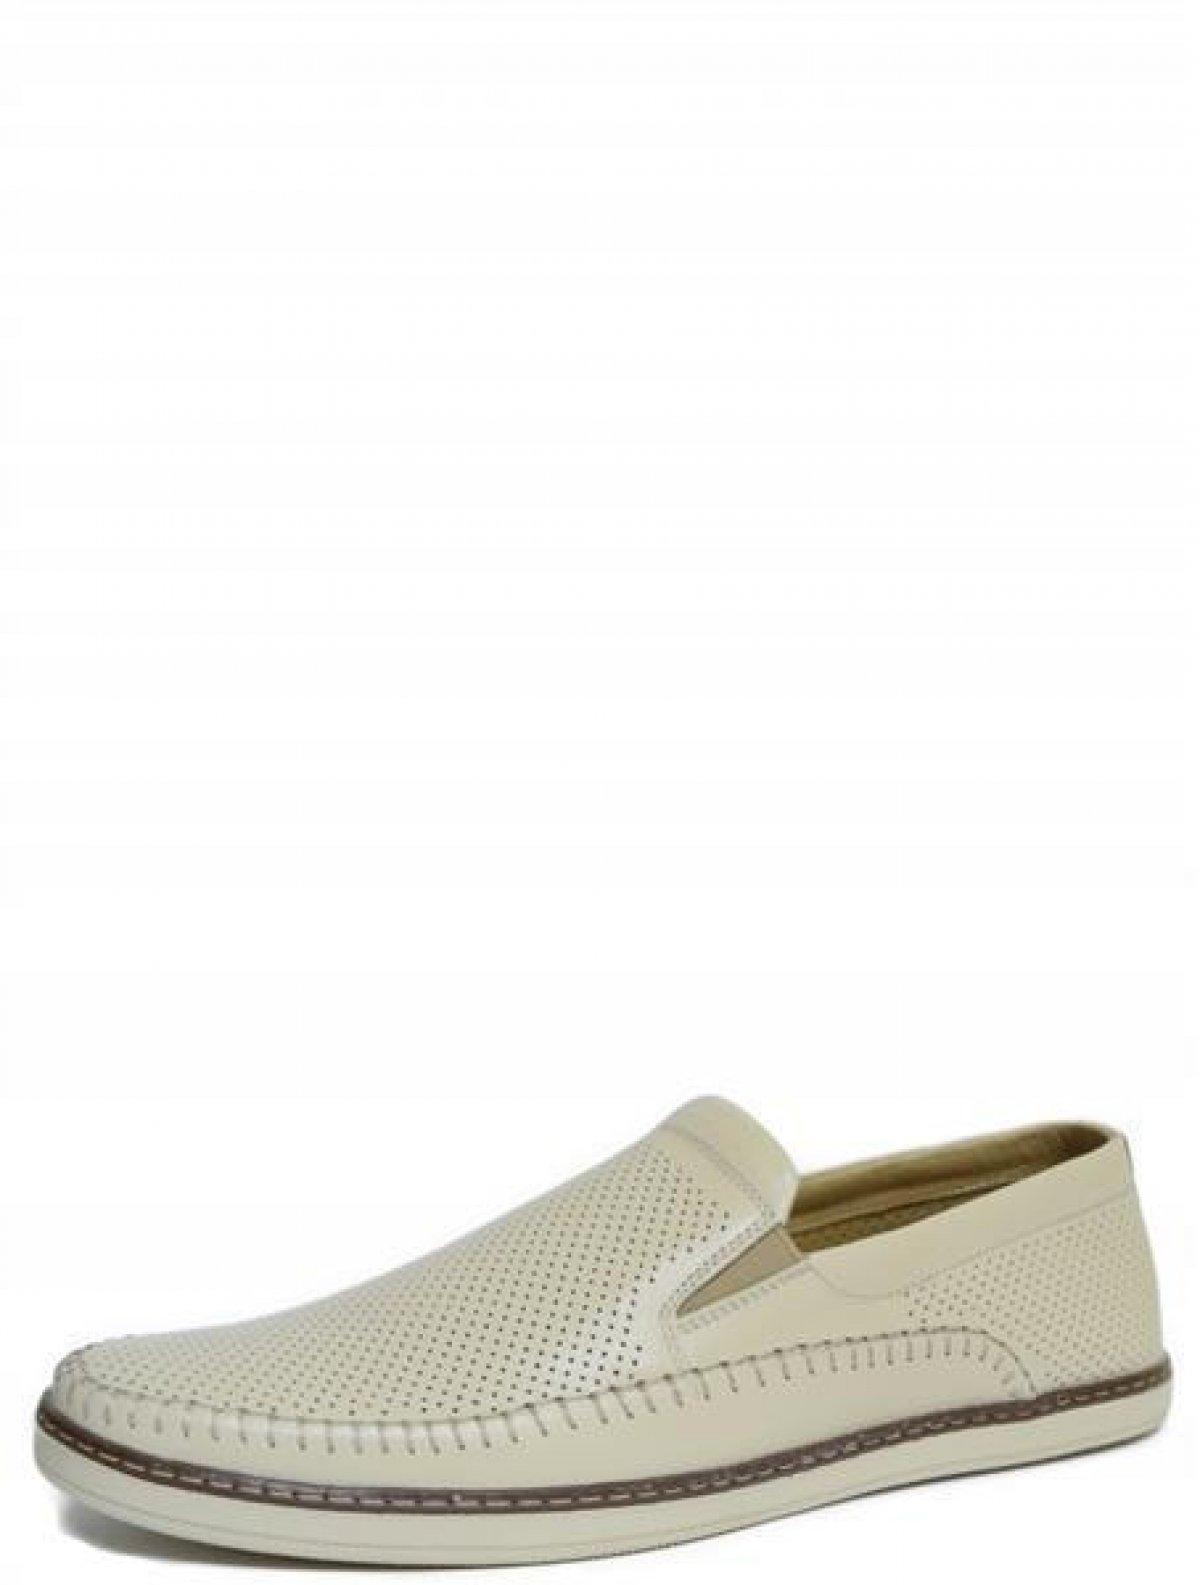 133001/8 туфли мужские